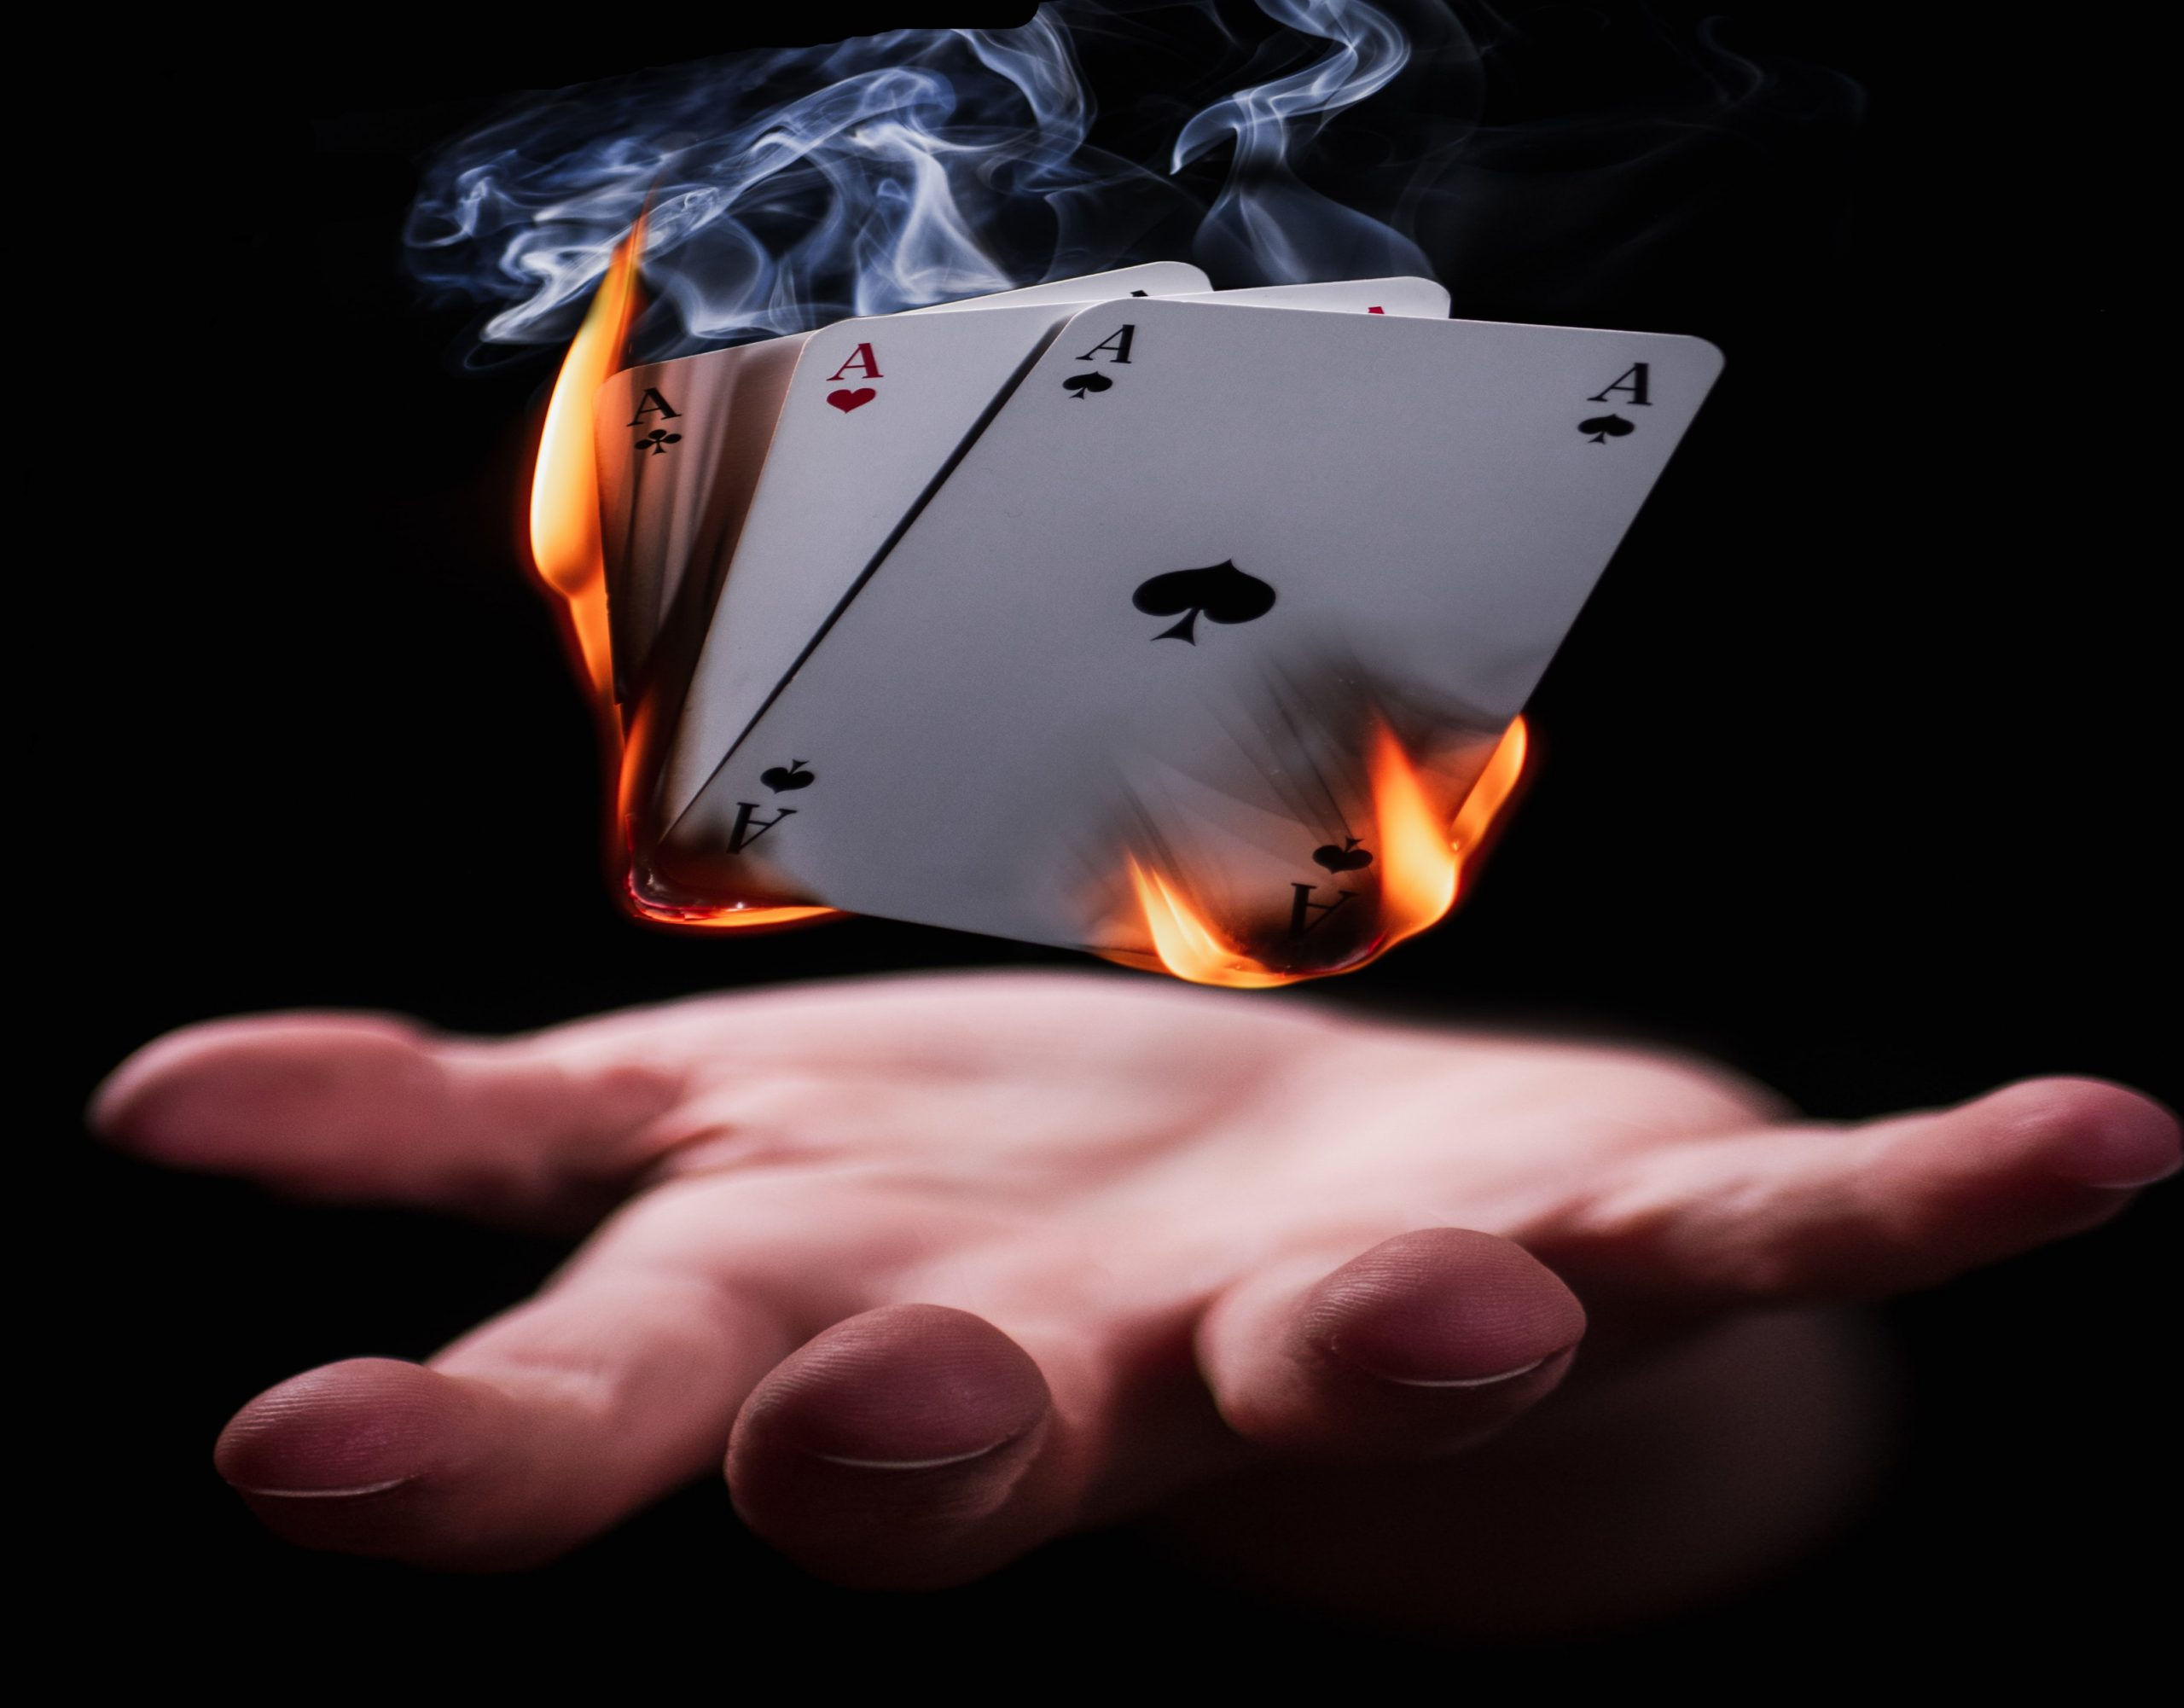 Le magicien doit maitriser les tours de cartes